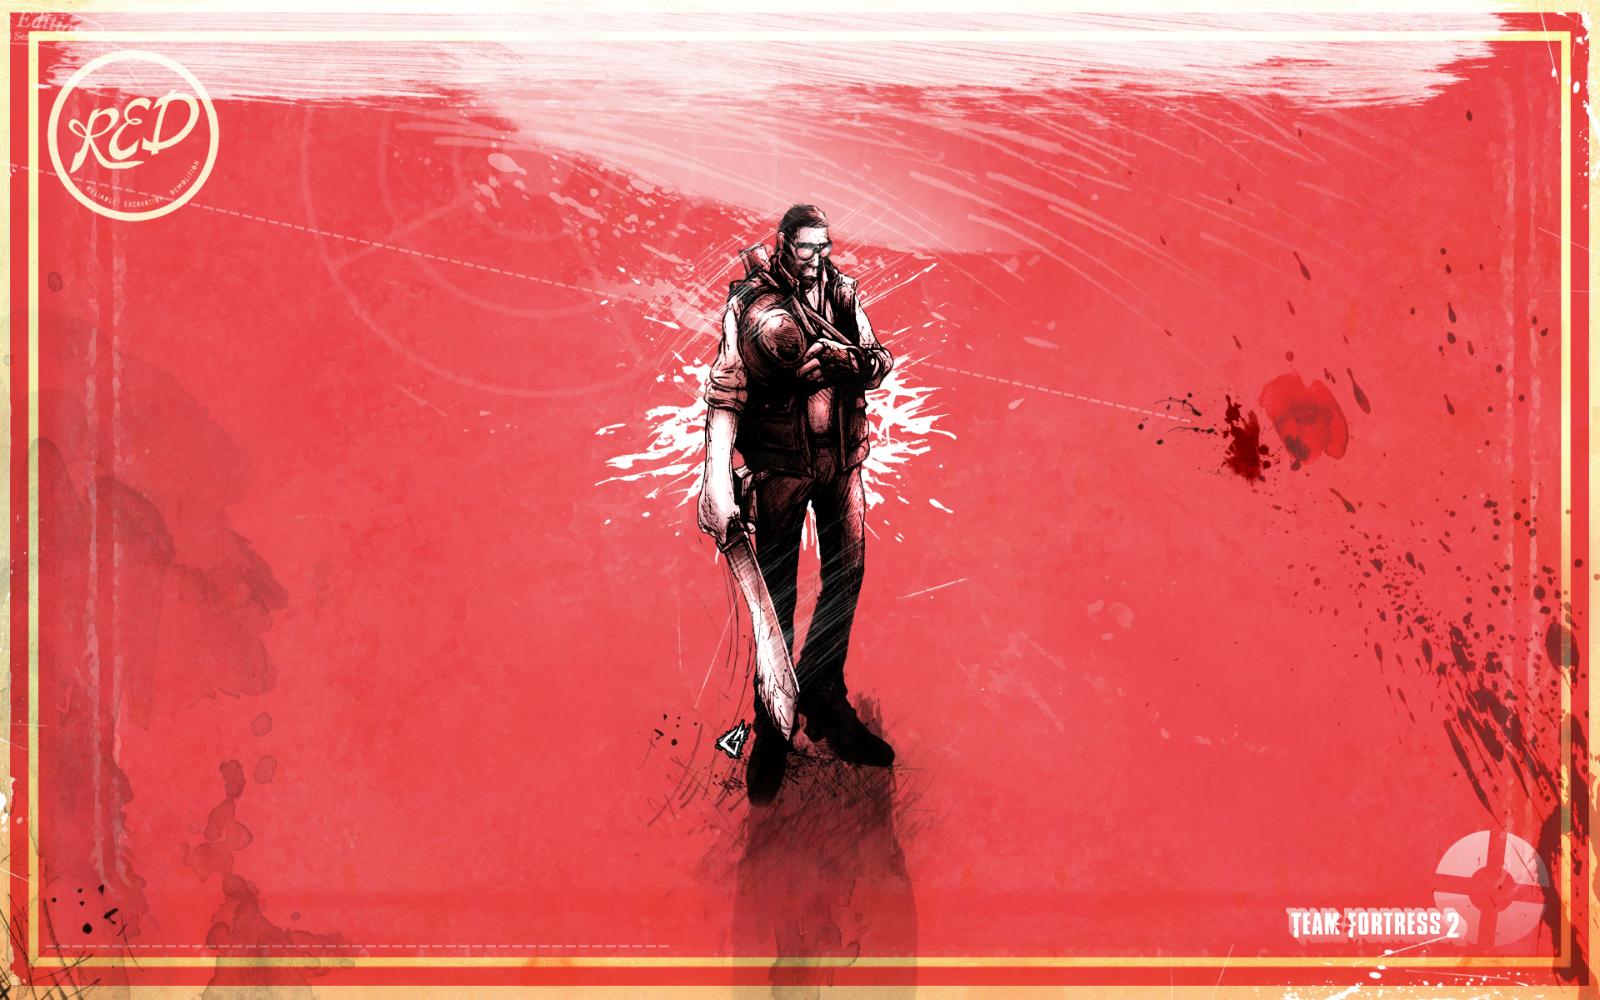 http://1.bp.blogspot.com/-9vW1LP94vWA/TmVEBqRYSTI/AAAAAAAAAzU/0gugKKfMIyg/s1600/team_fortress_2_red_sniper_background_desktop_wallpaper_www.Vvallpaper.net.jpg